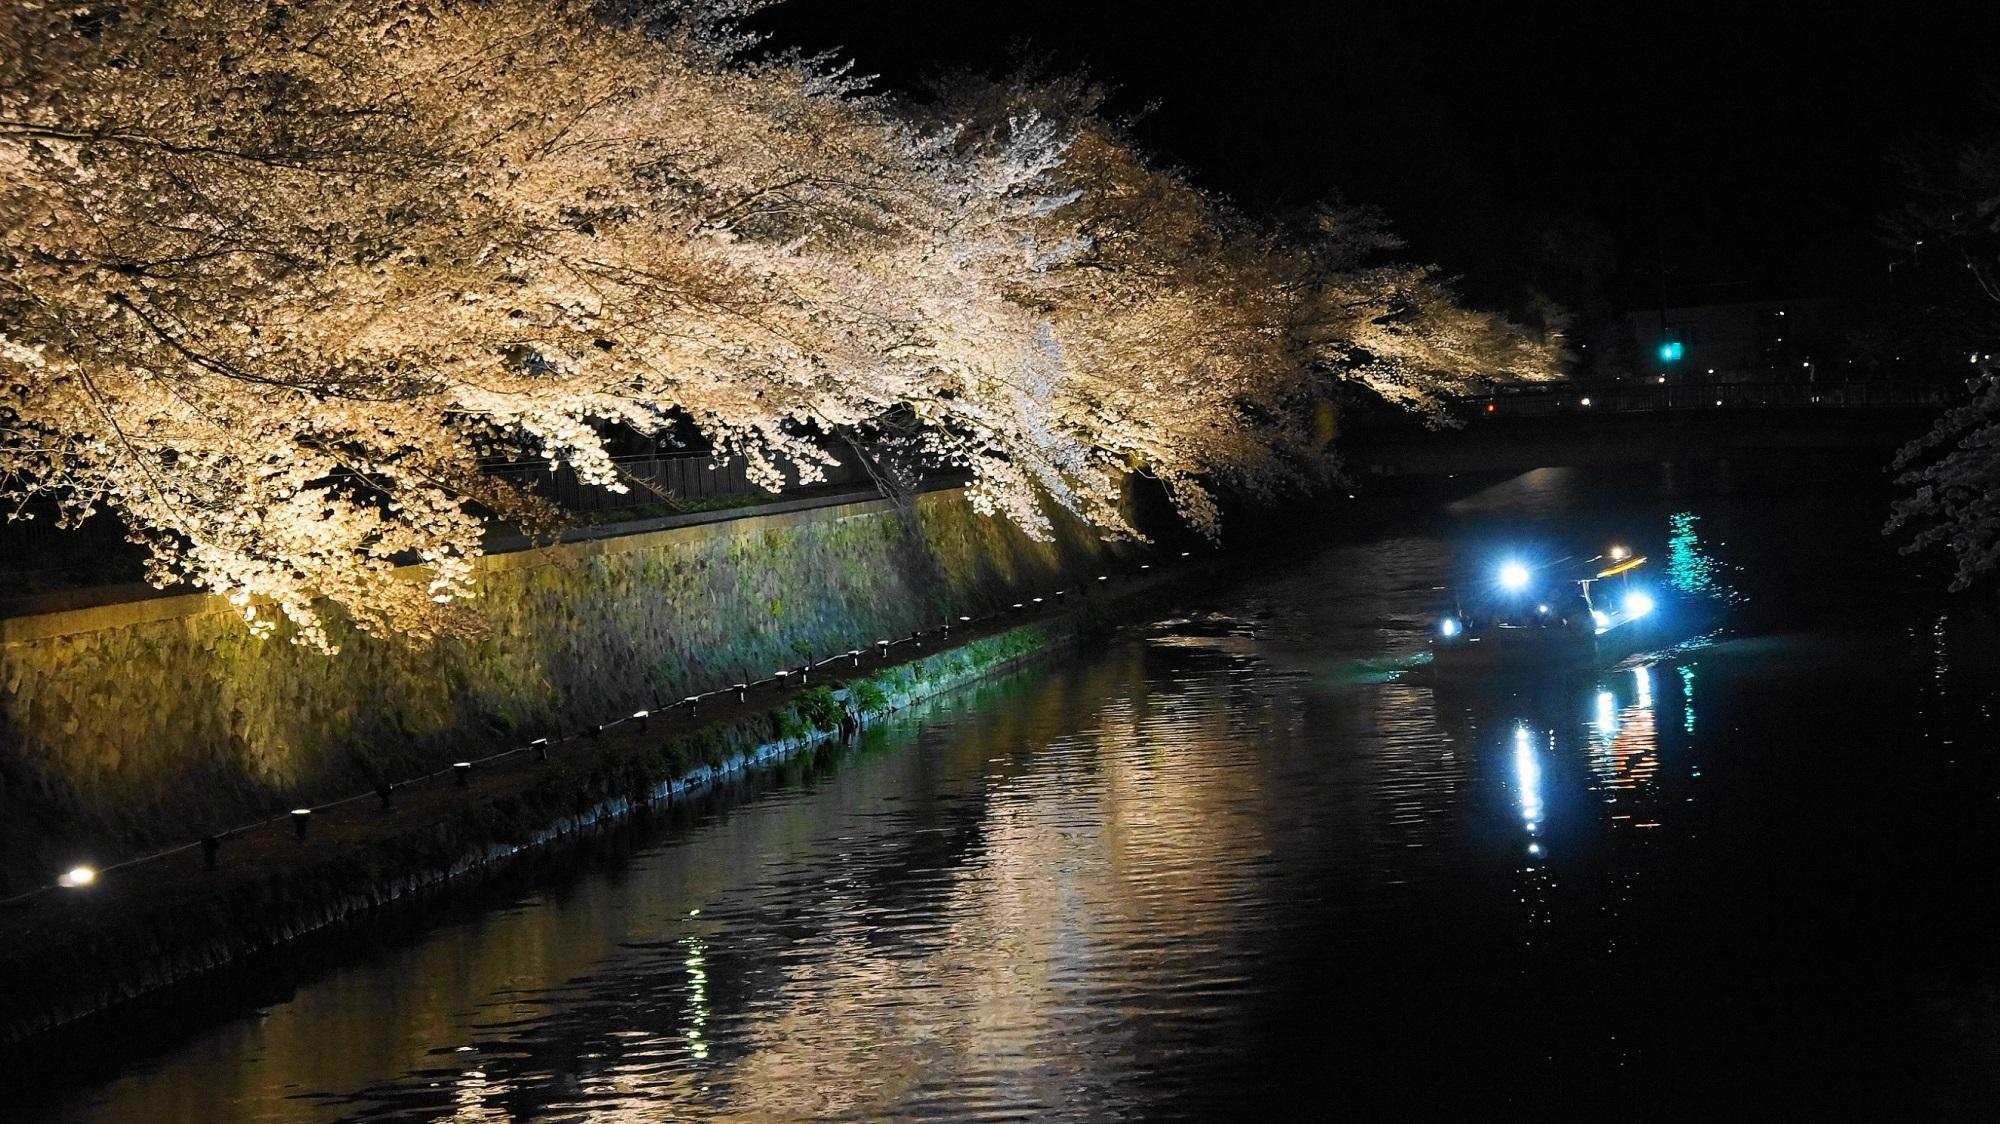 水辺の桜の華やかなライトアップ